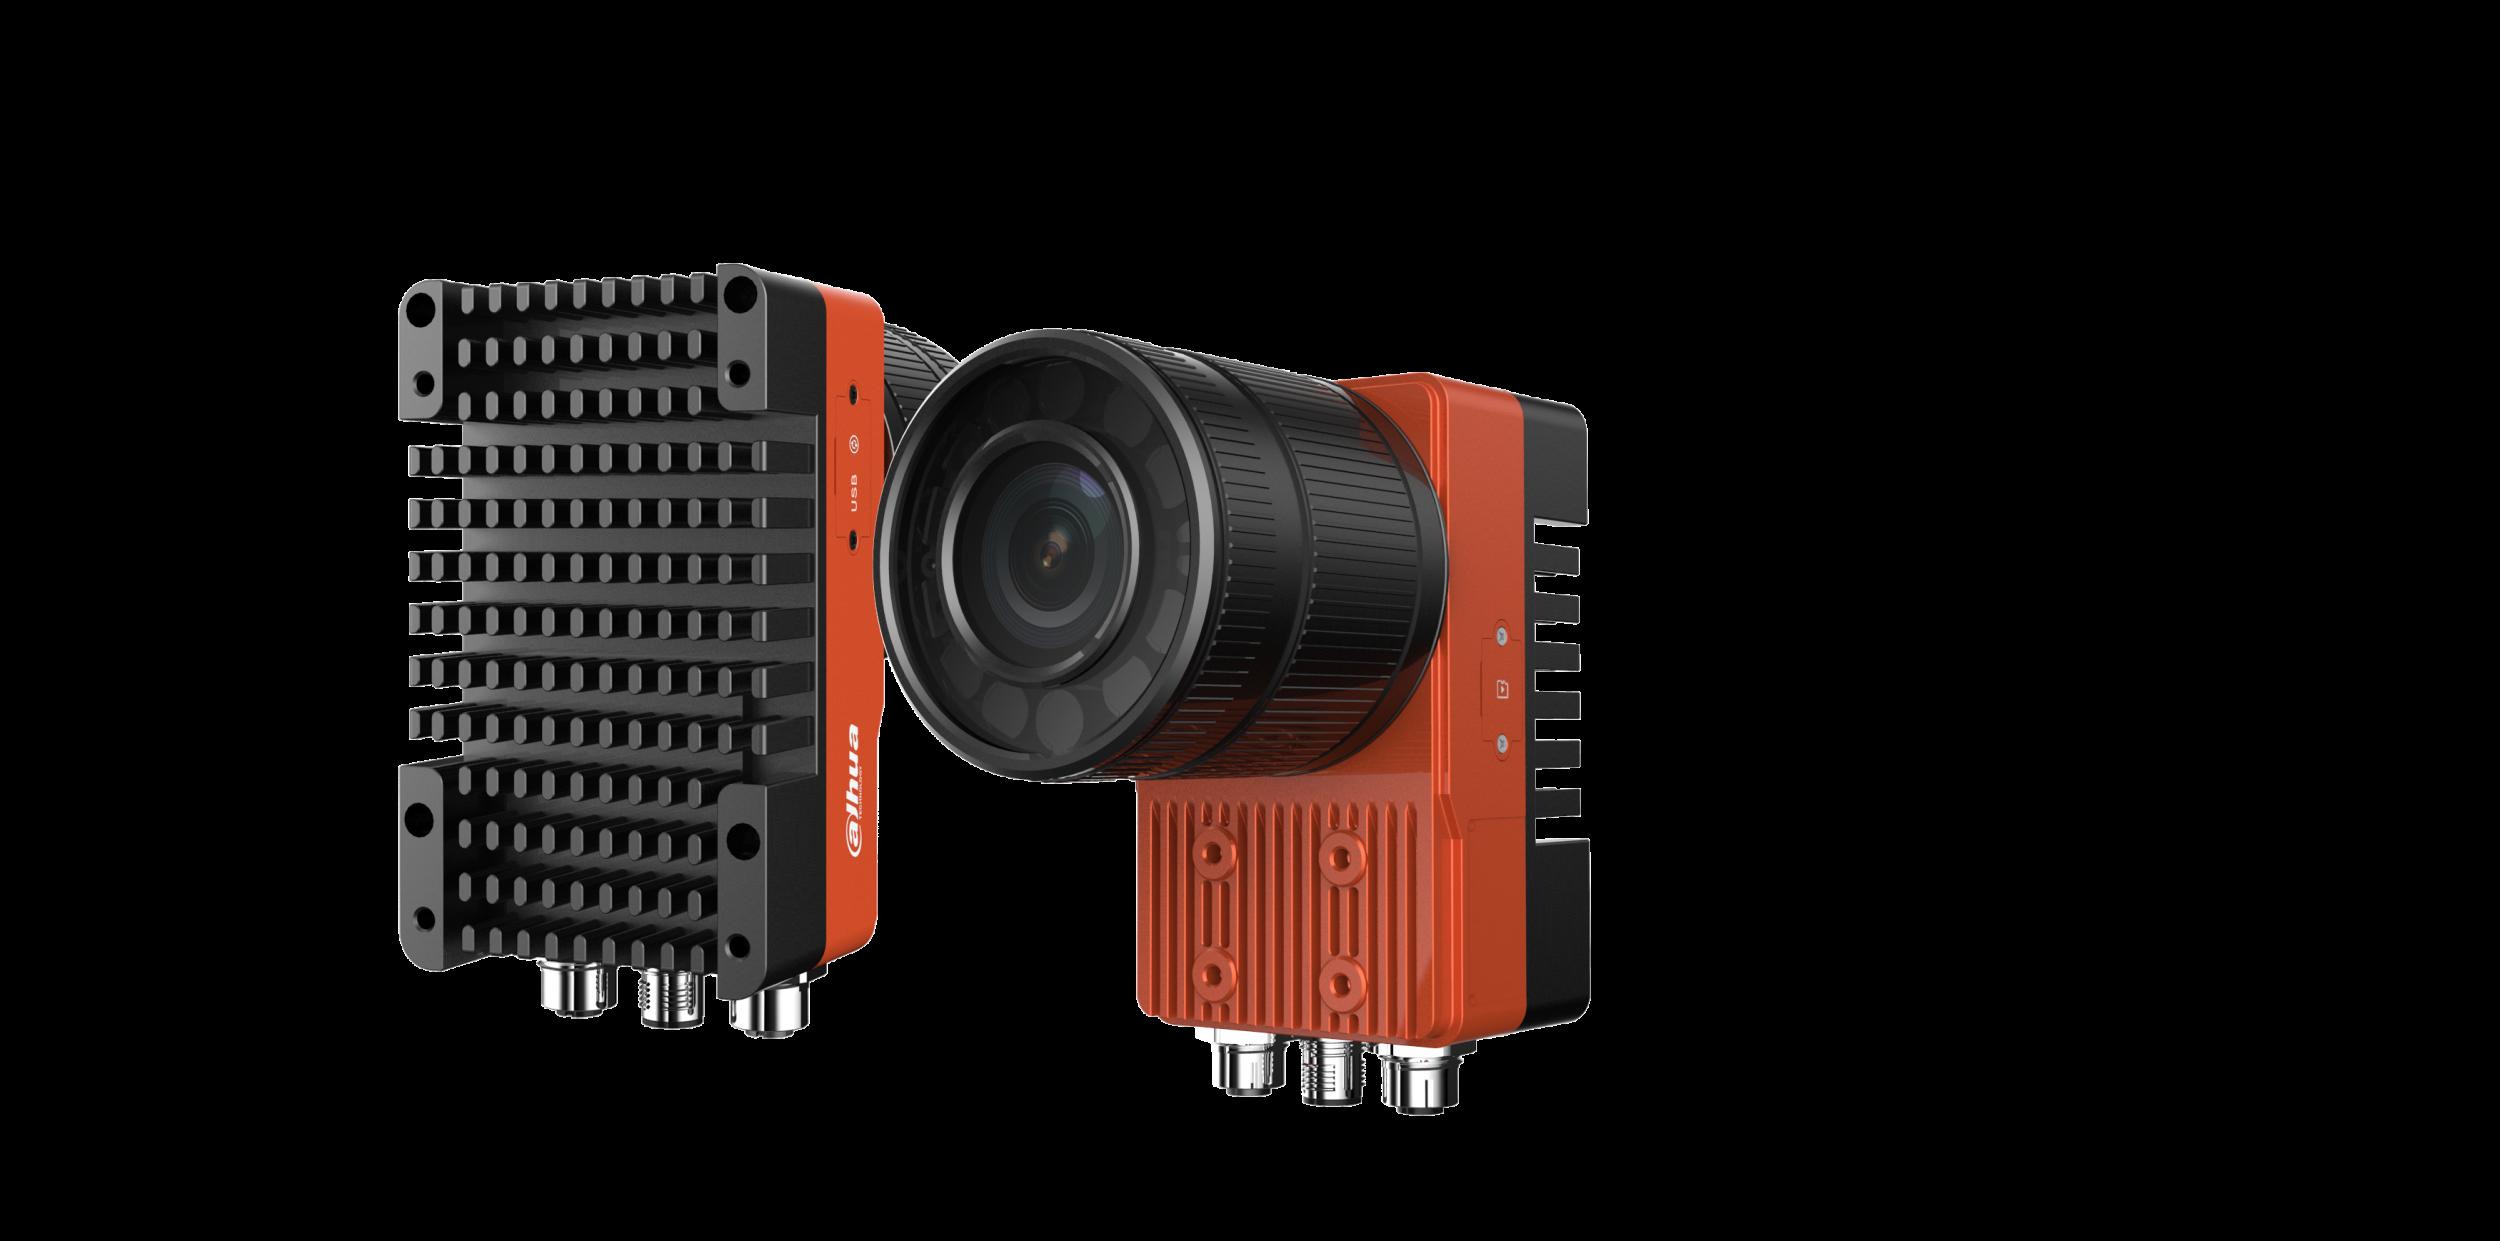 Kostengünstige Smart-Kamera mit Merlic